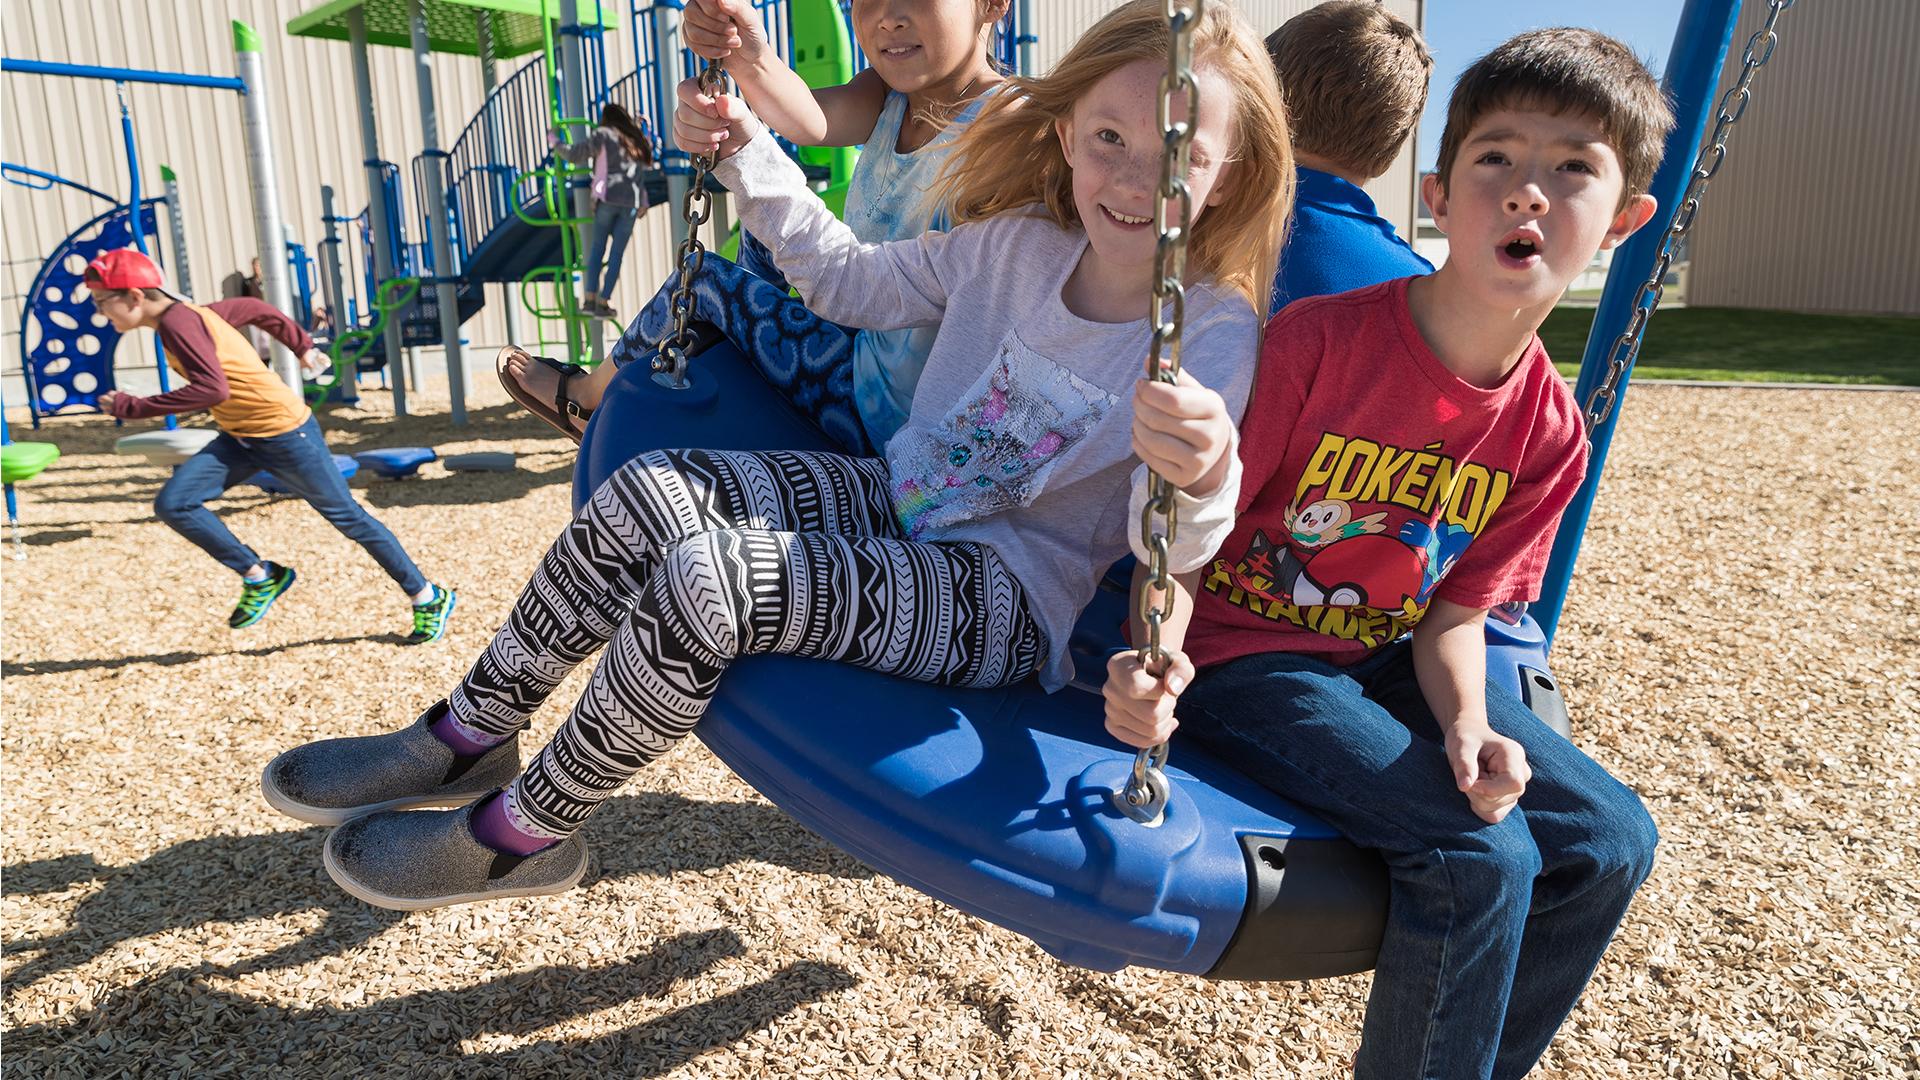 Watersprings School kids on the playground